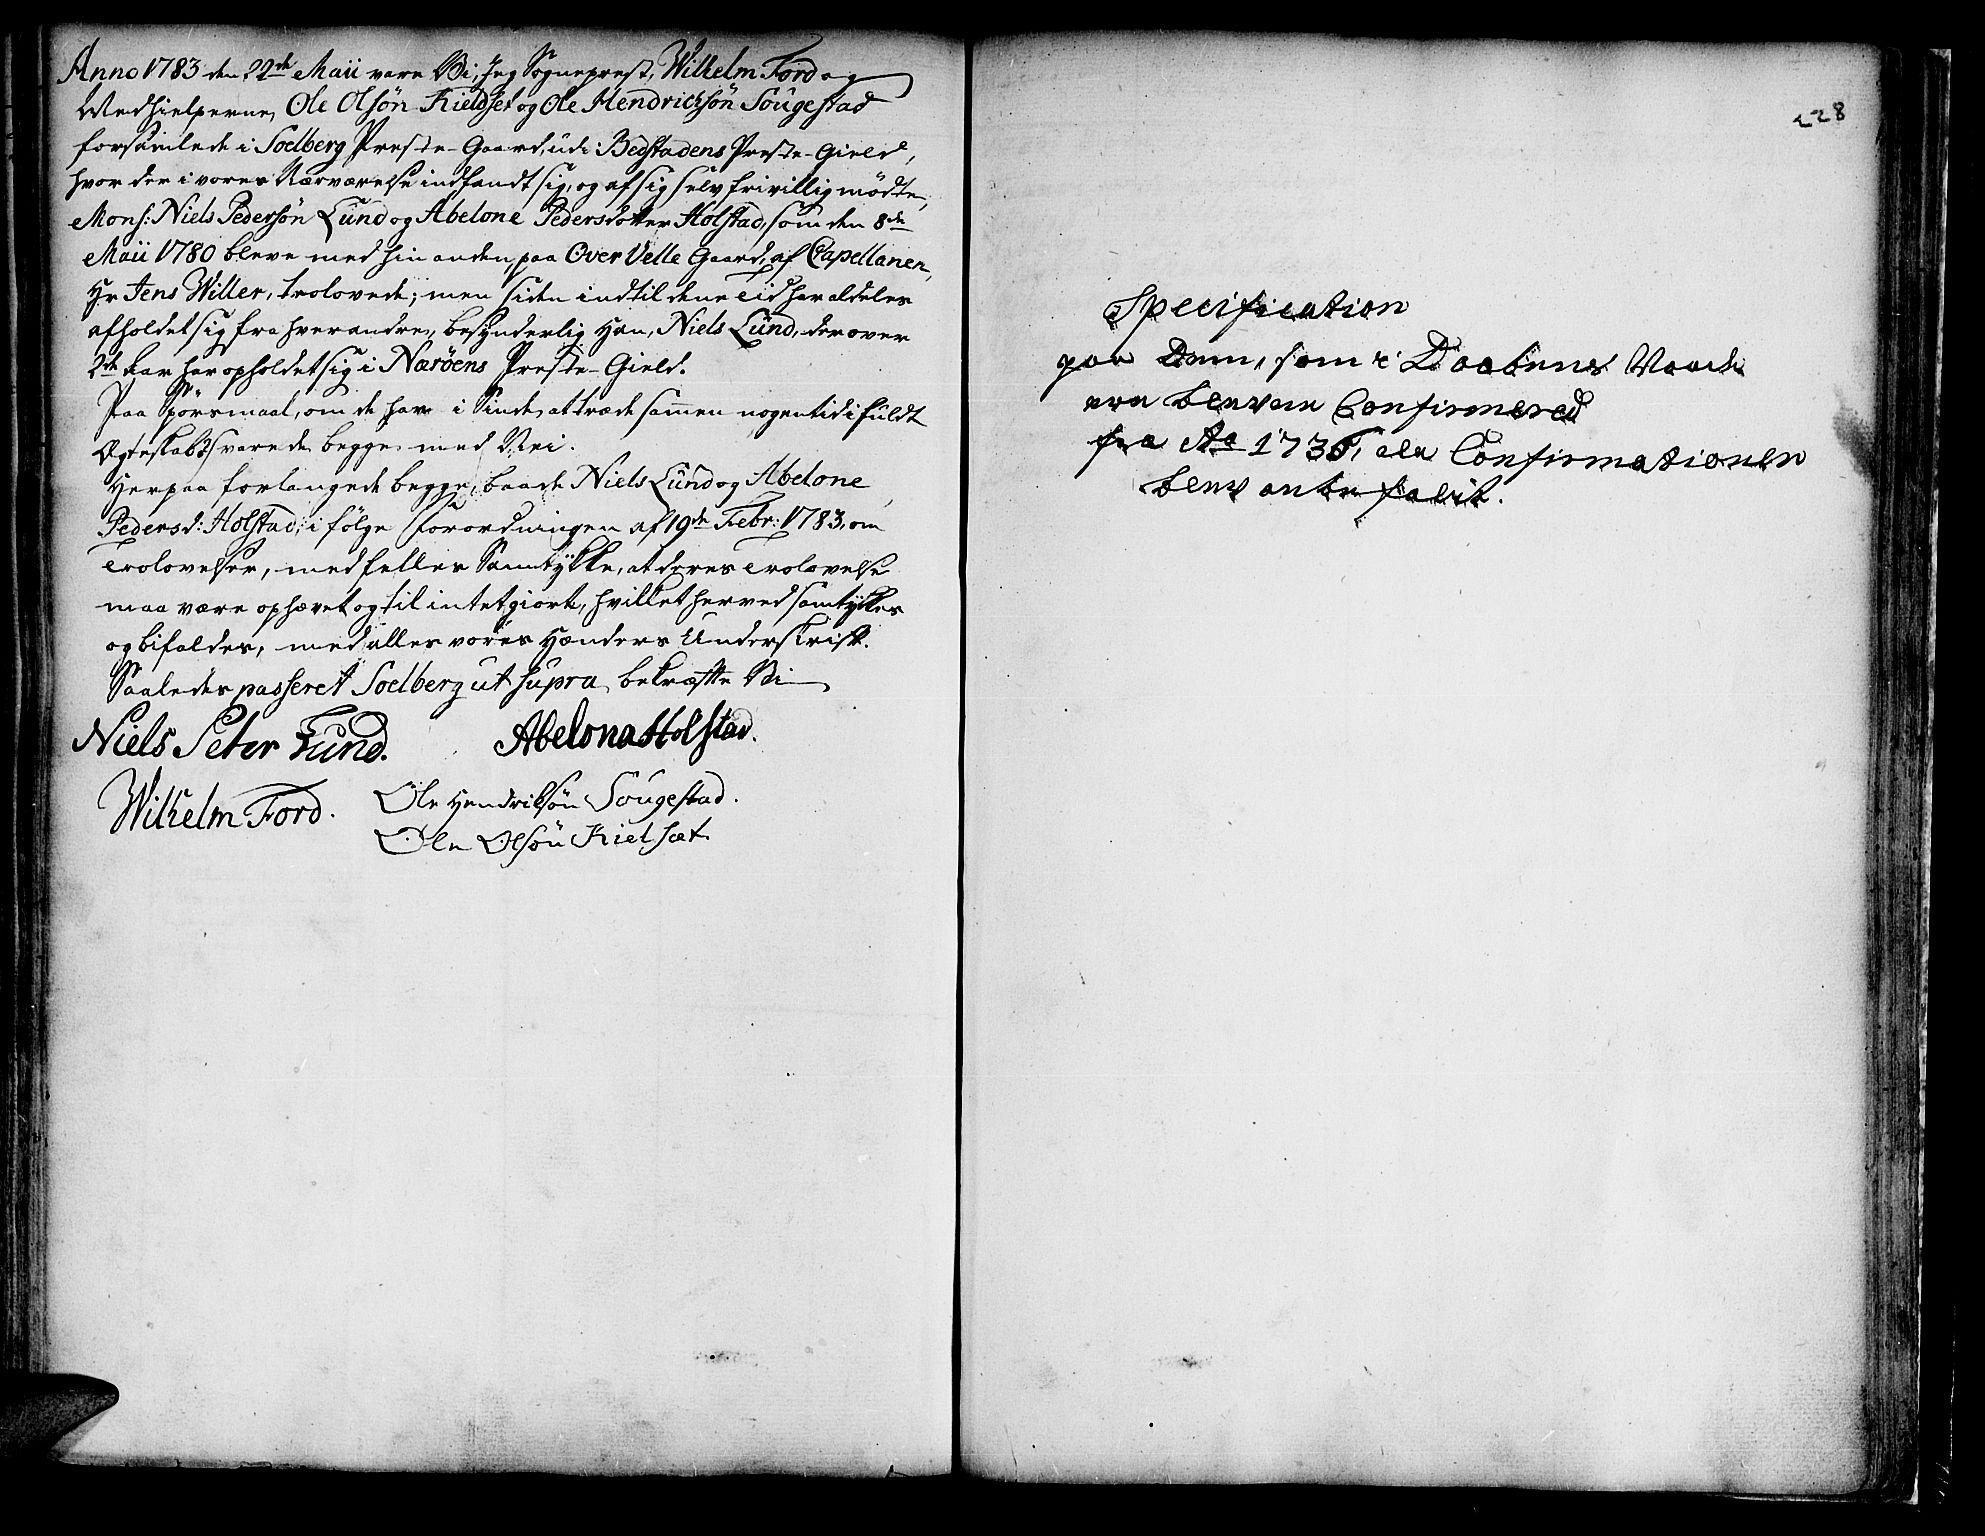 SAT, Ministerialprotokoller, klokkerbøker og fødselsregistre - Nord-Trøndelag, 741/L0385: Ministerialbok nr. 741A01, 1722-1815, s. 228